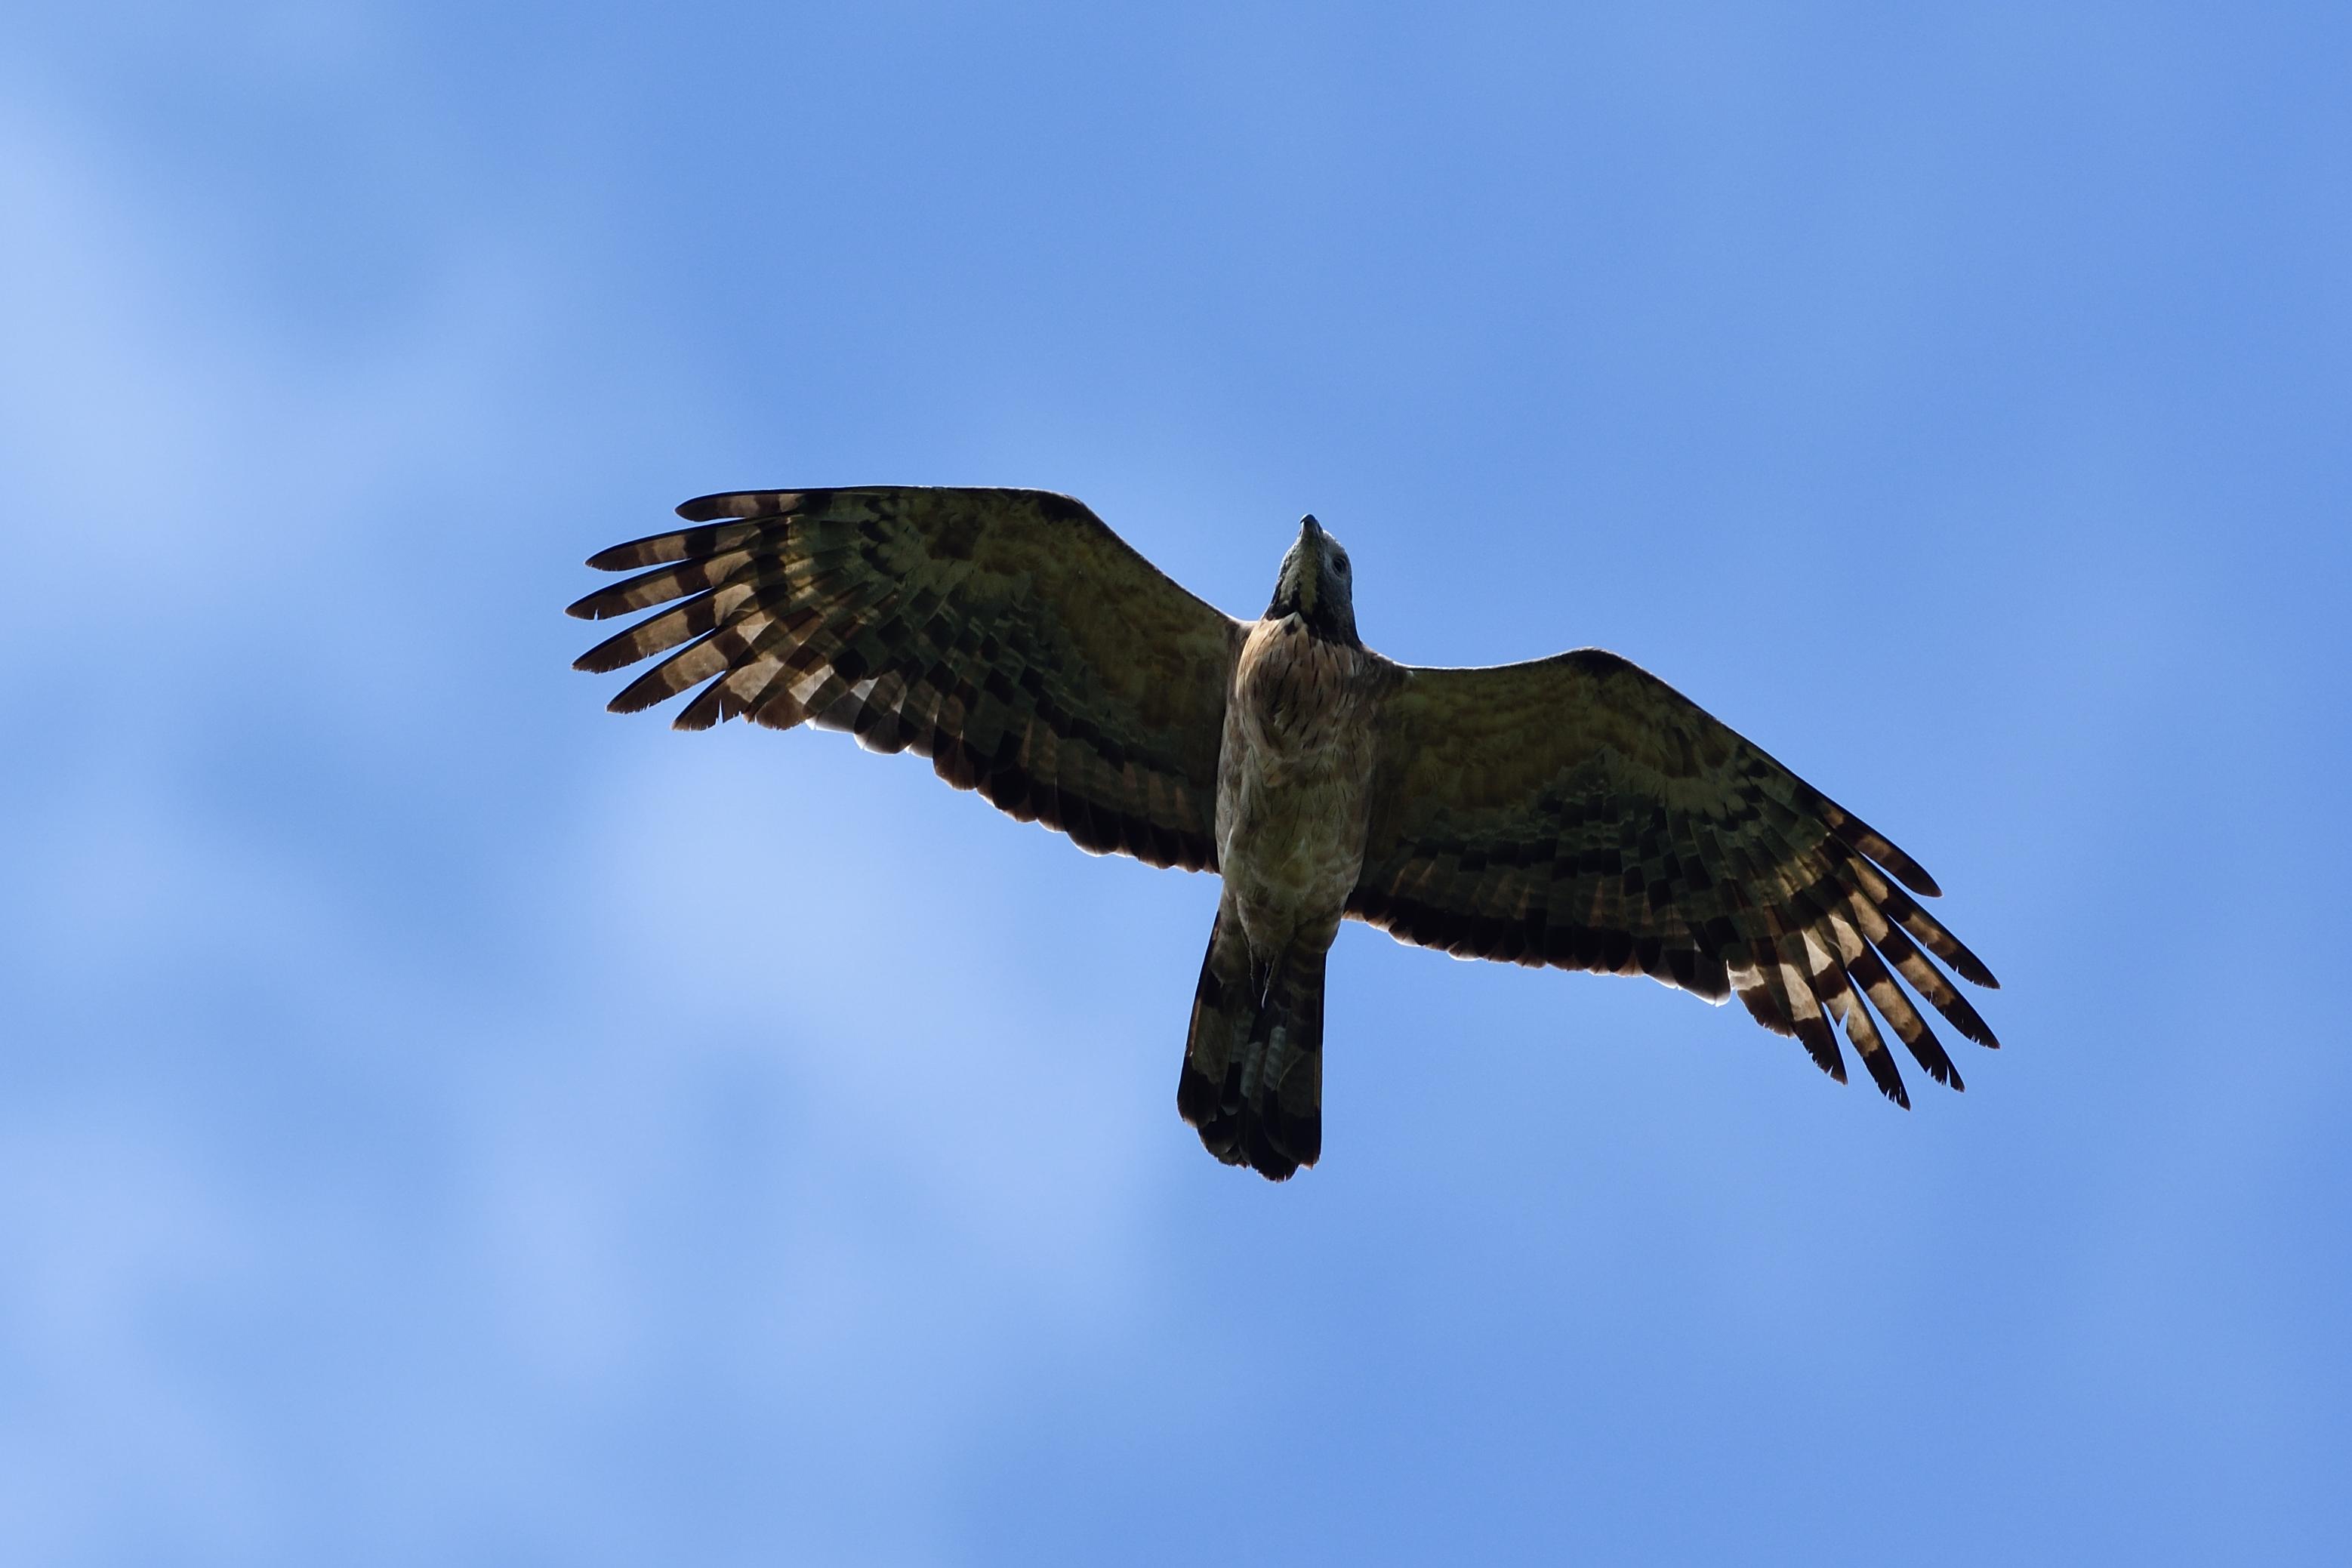 """<strong class=""""em """">ハチクマ オス成鳥</strong><br>色彩は中間型より少し淡いぐらいか。オスは虹彩が暗色。黒目がちでメスに比べるとカワイく感じる。被写体までの距離・高度は約50mと近い。羽毛の質感が写し撮れた。"""